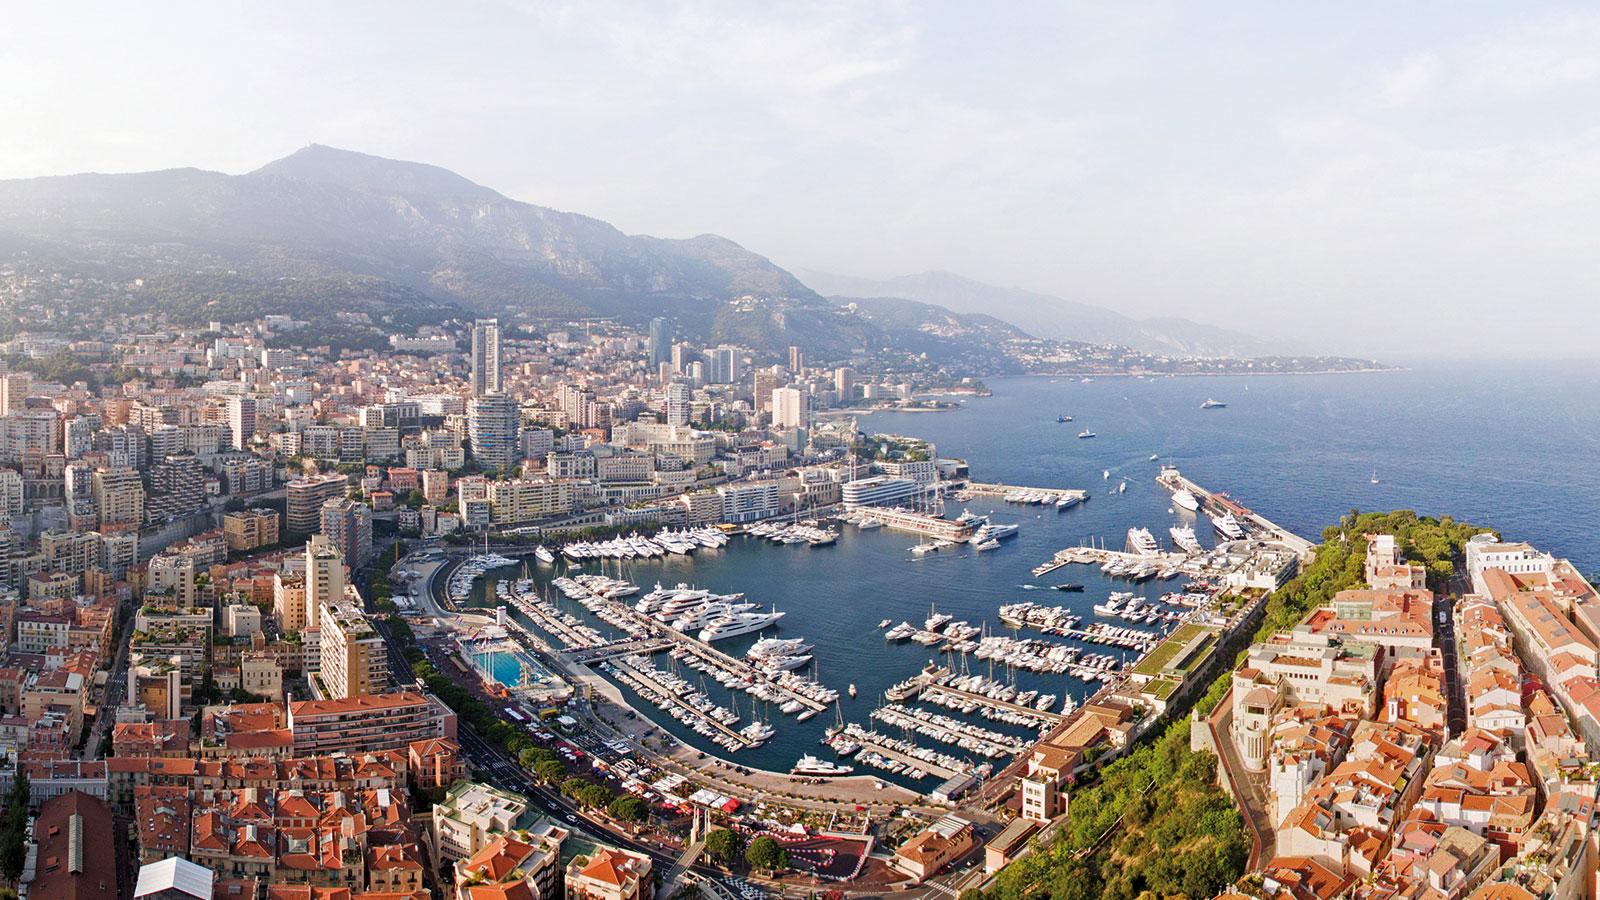 Vues-de-Monaco-@MC-CLIC-[Group-5]-DJI_0020_DJI_0075-56-images2